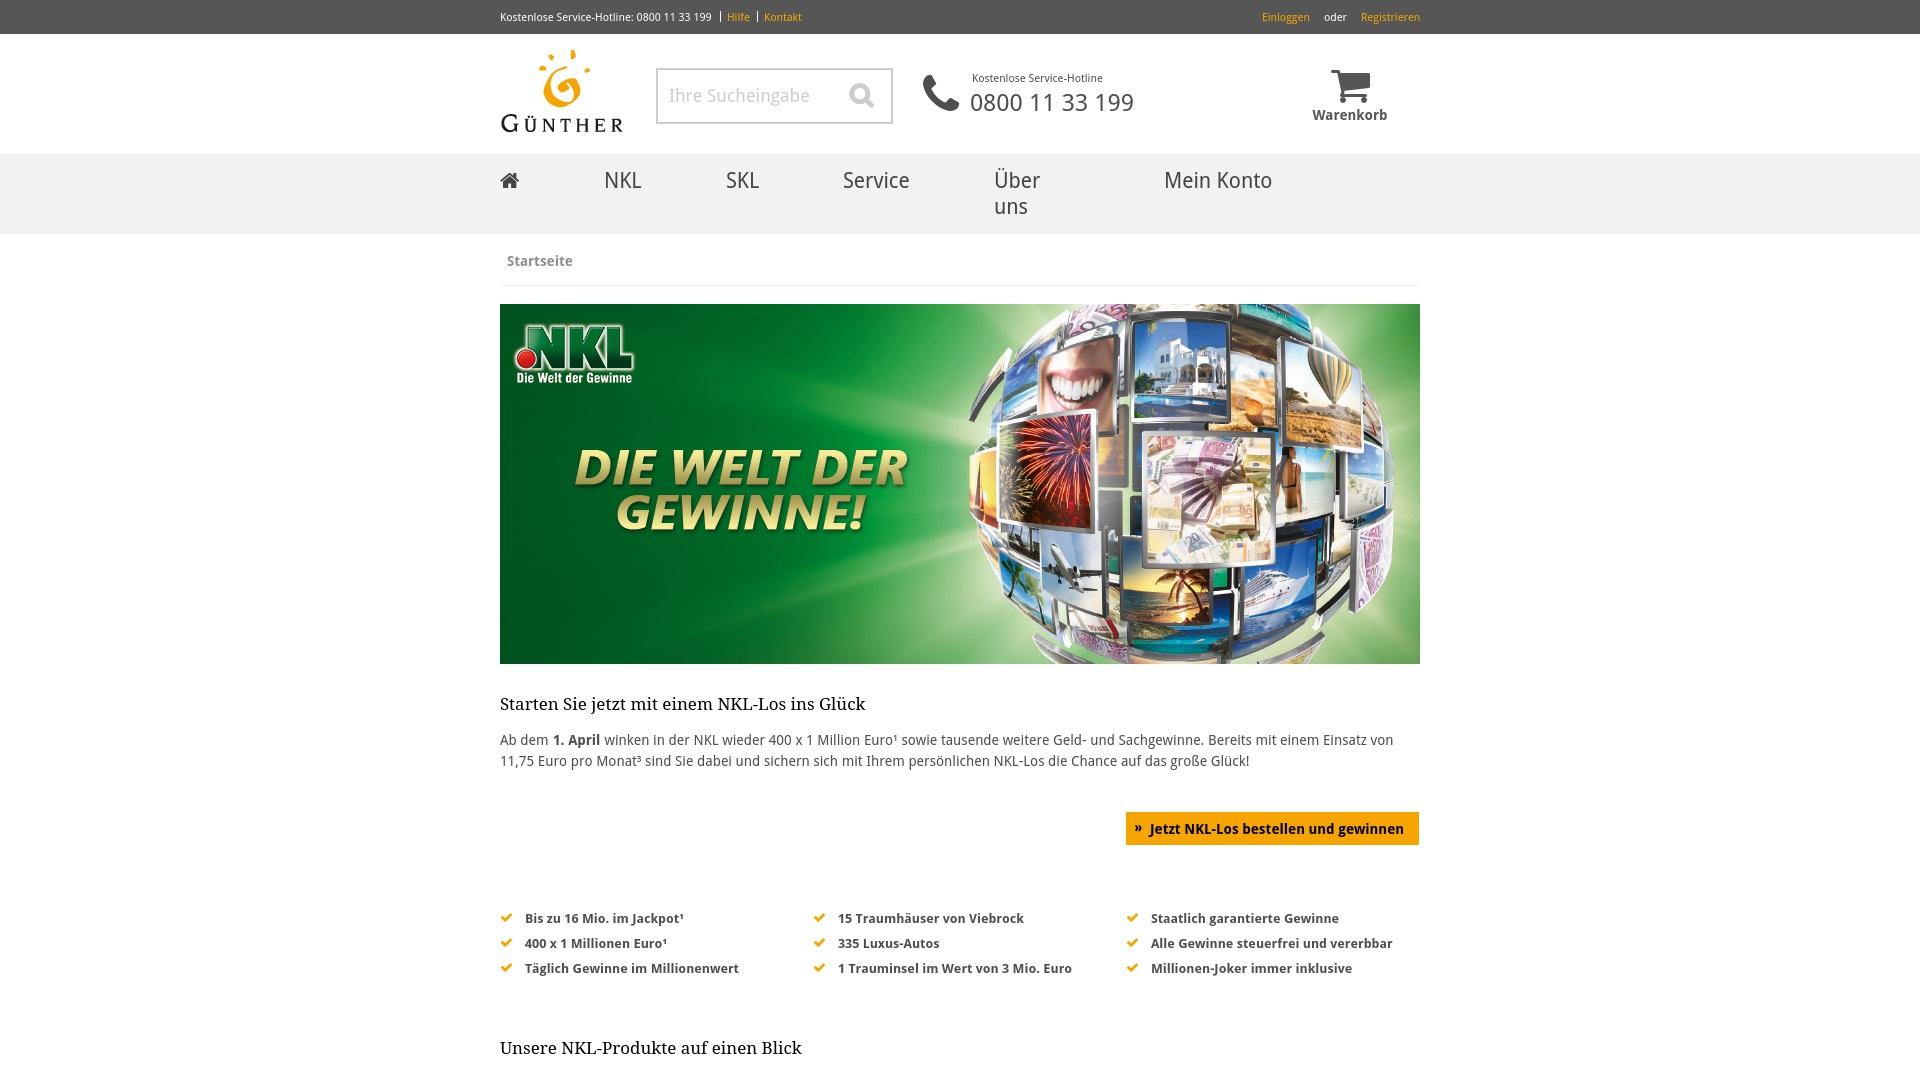 Gutschein für Guenther: Rabatte für  Guenther sichern